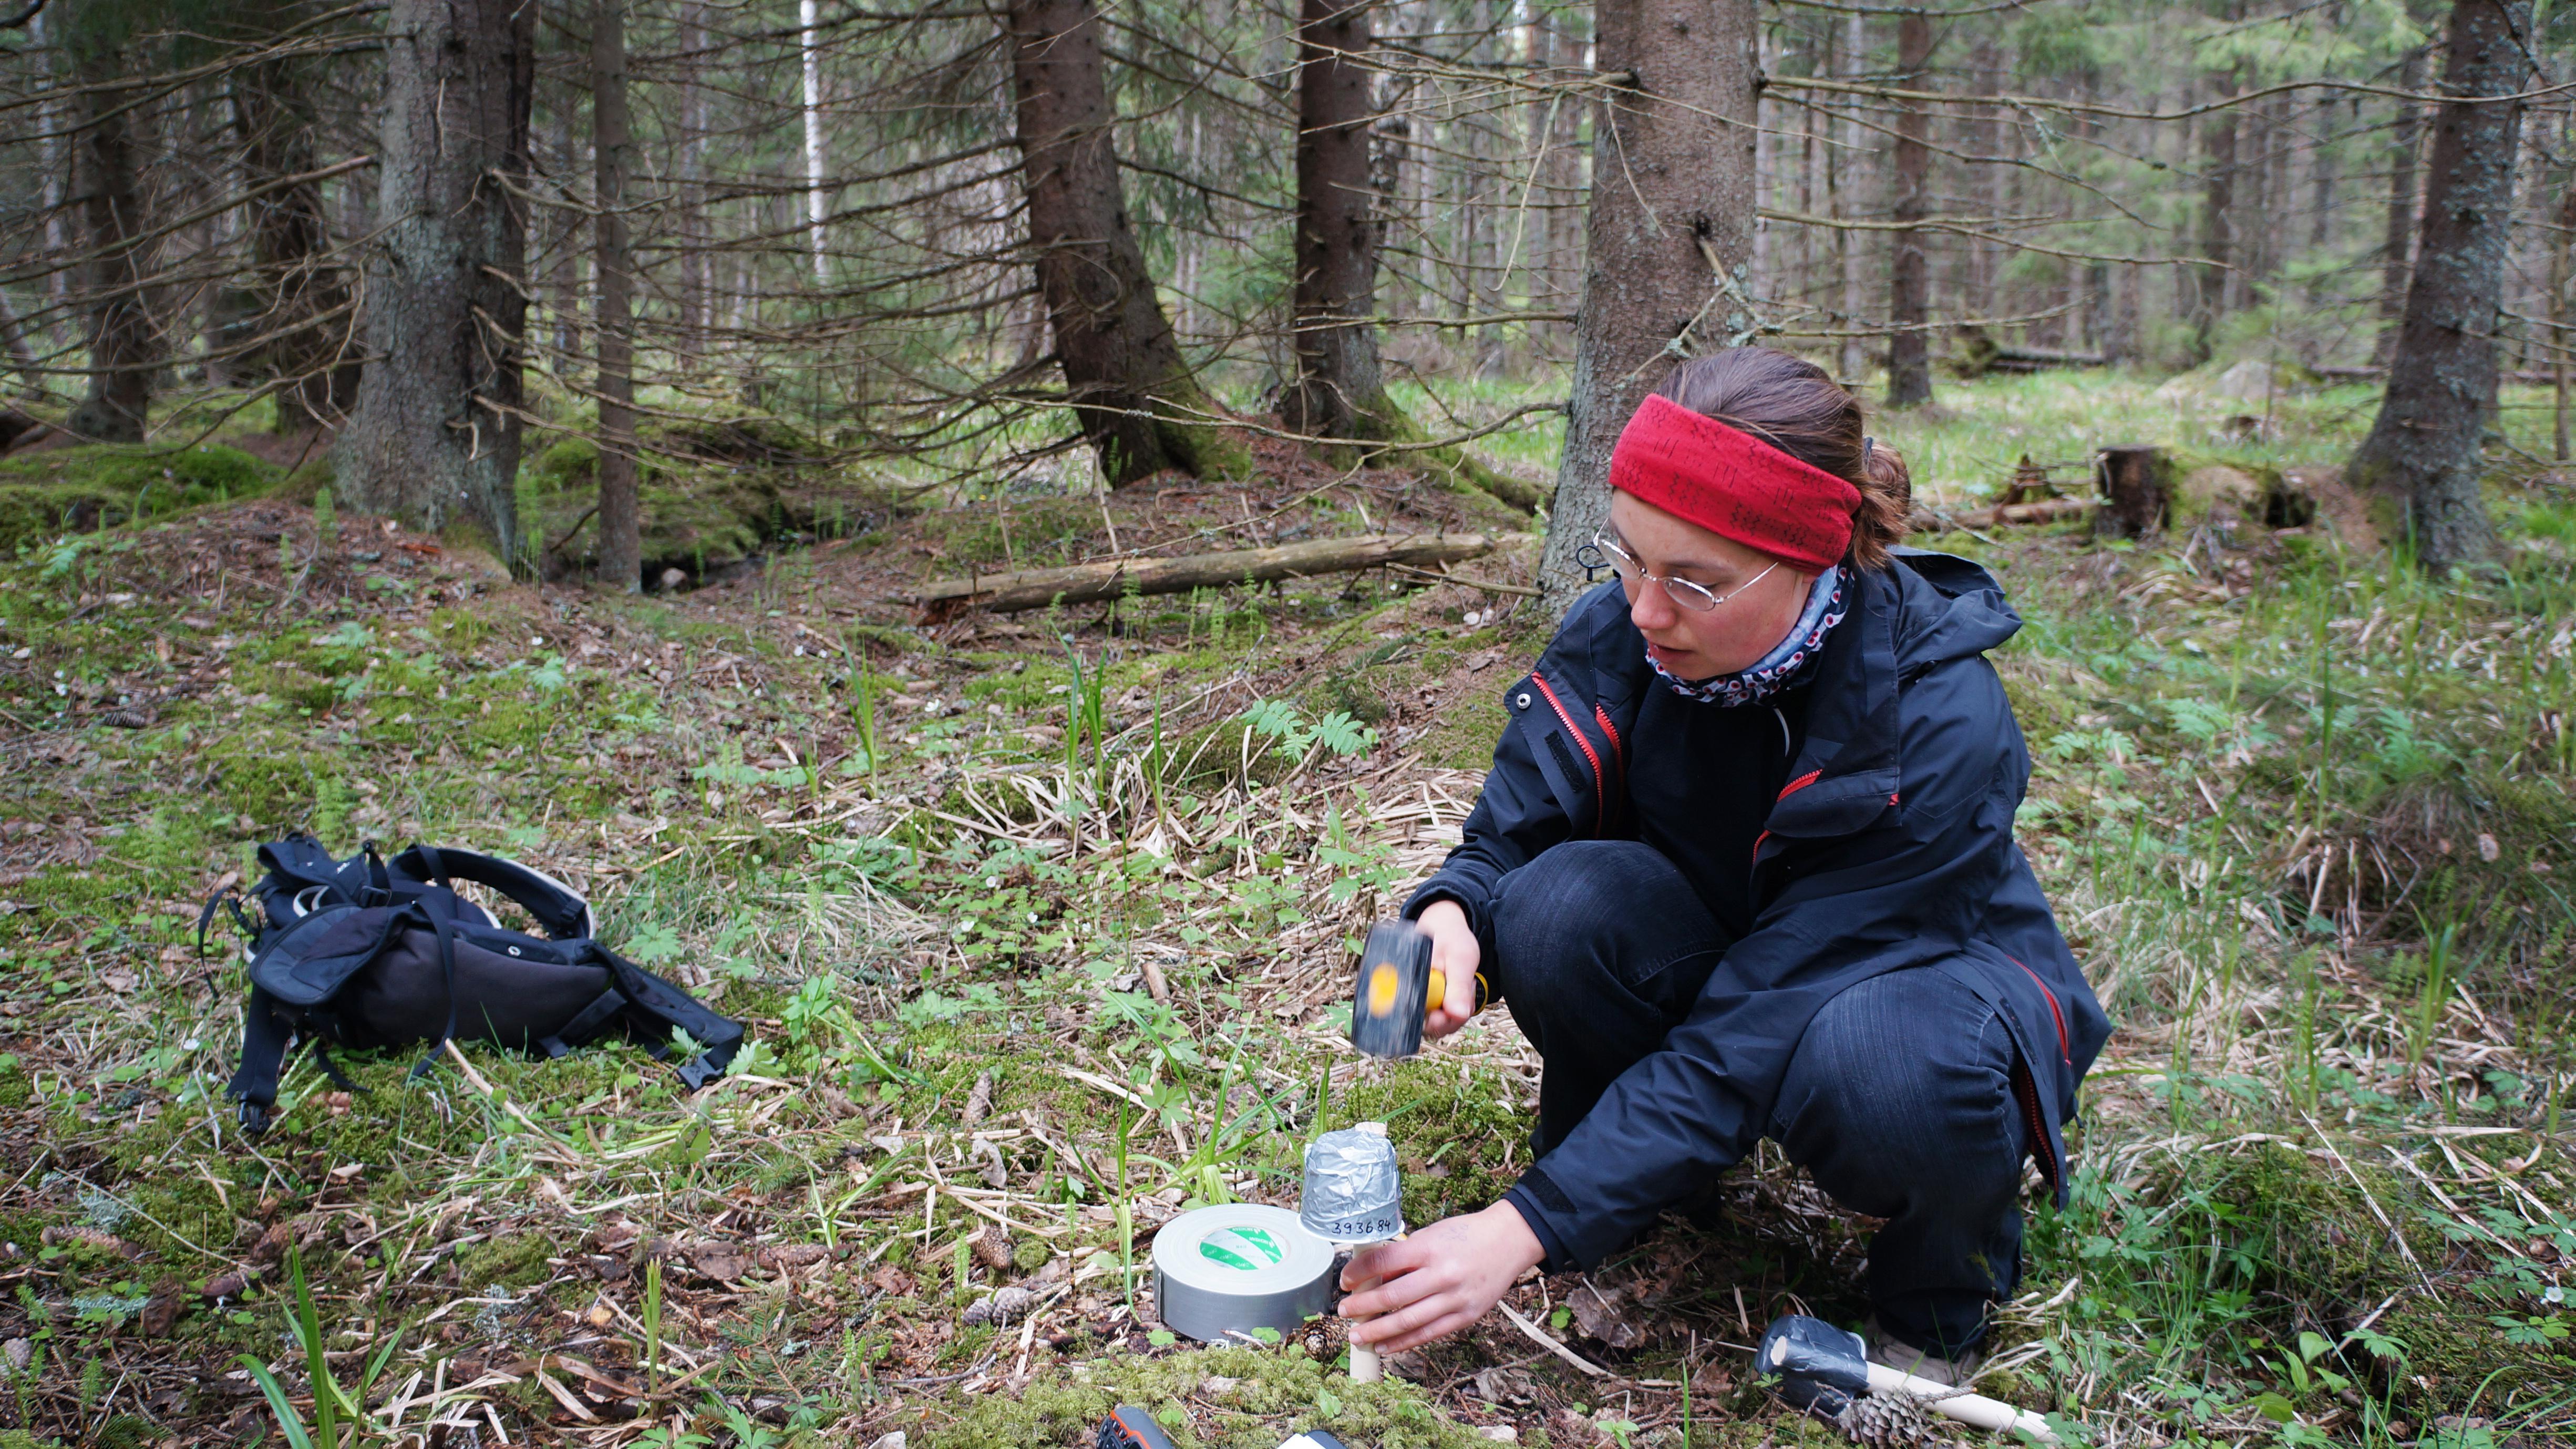 Forskerne placerer temperaturmålere og data-loggere i skovbunden.